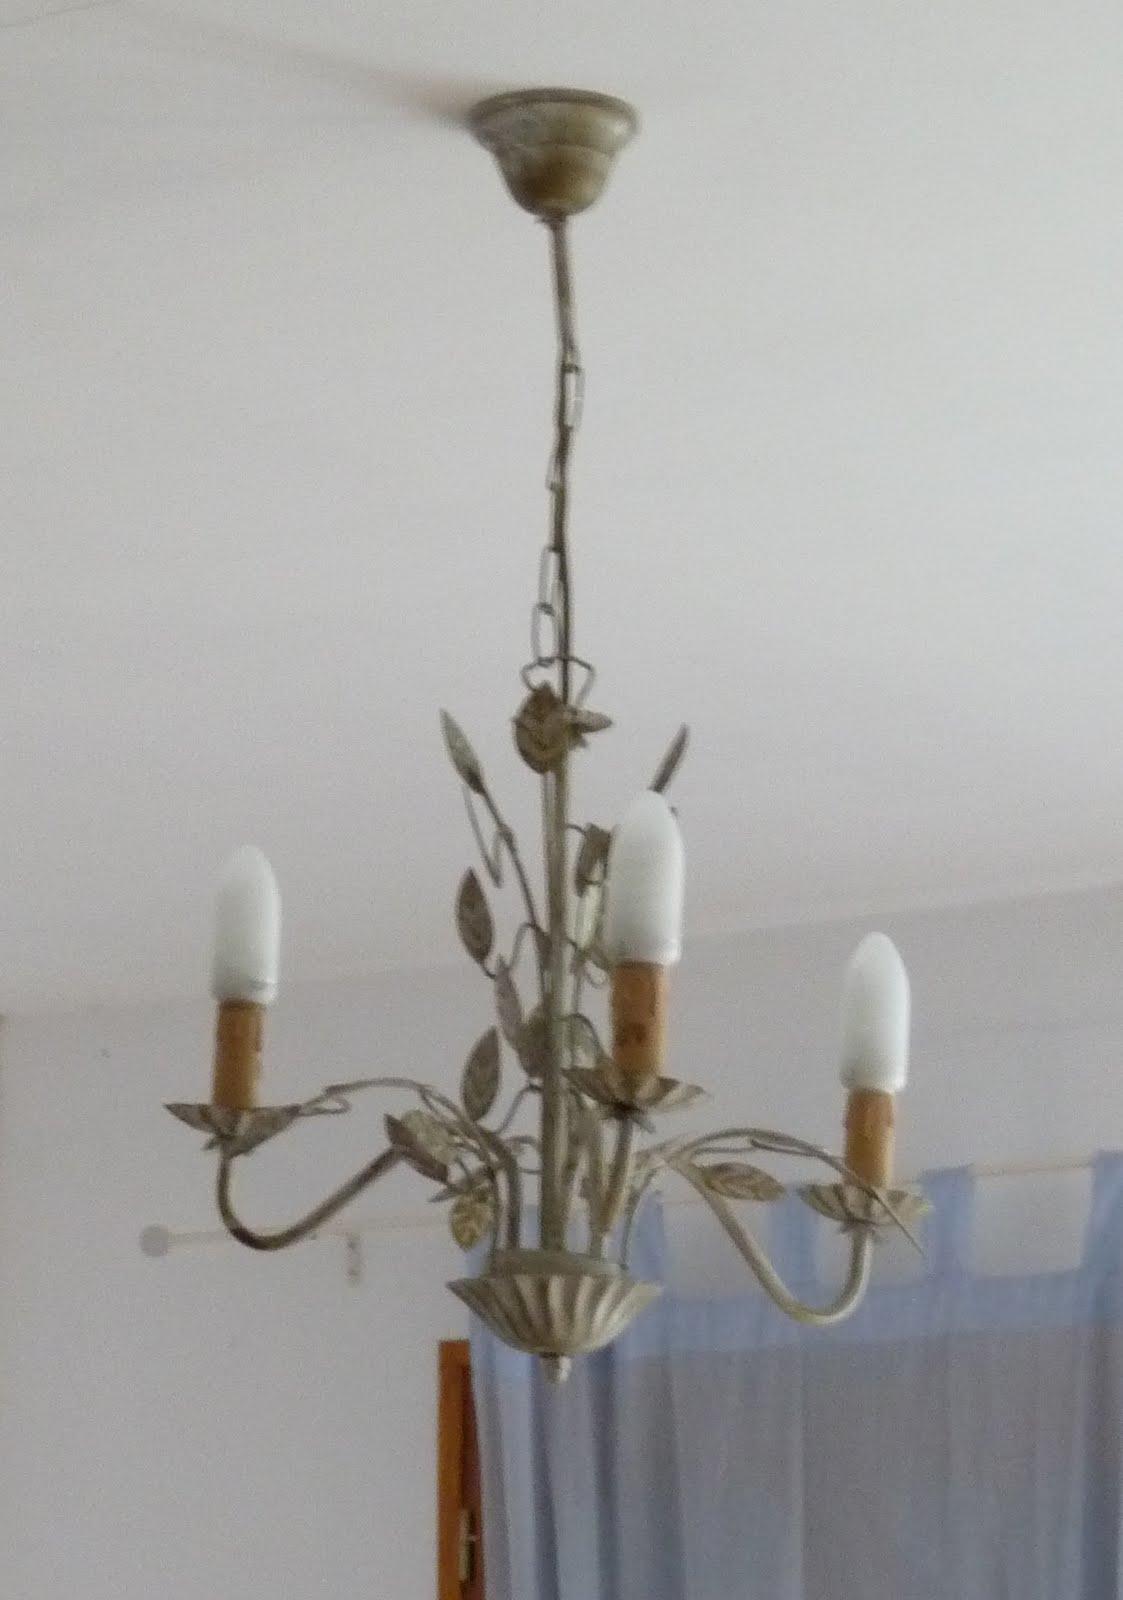 chroniques du potager soleil teintures lustre et crochet. Black Bedroom Furniture Sets. Home Design Ideas